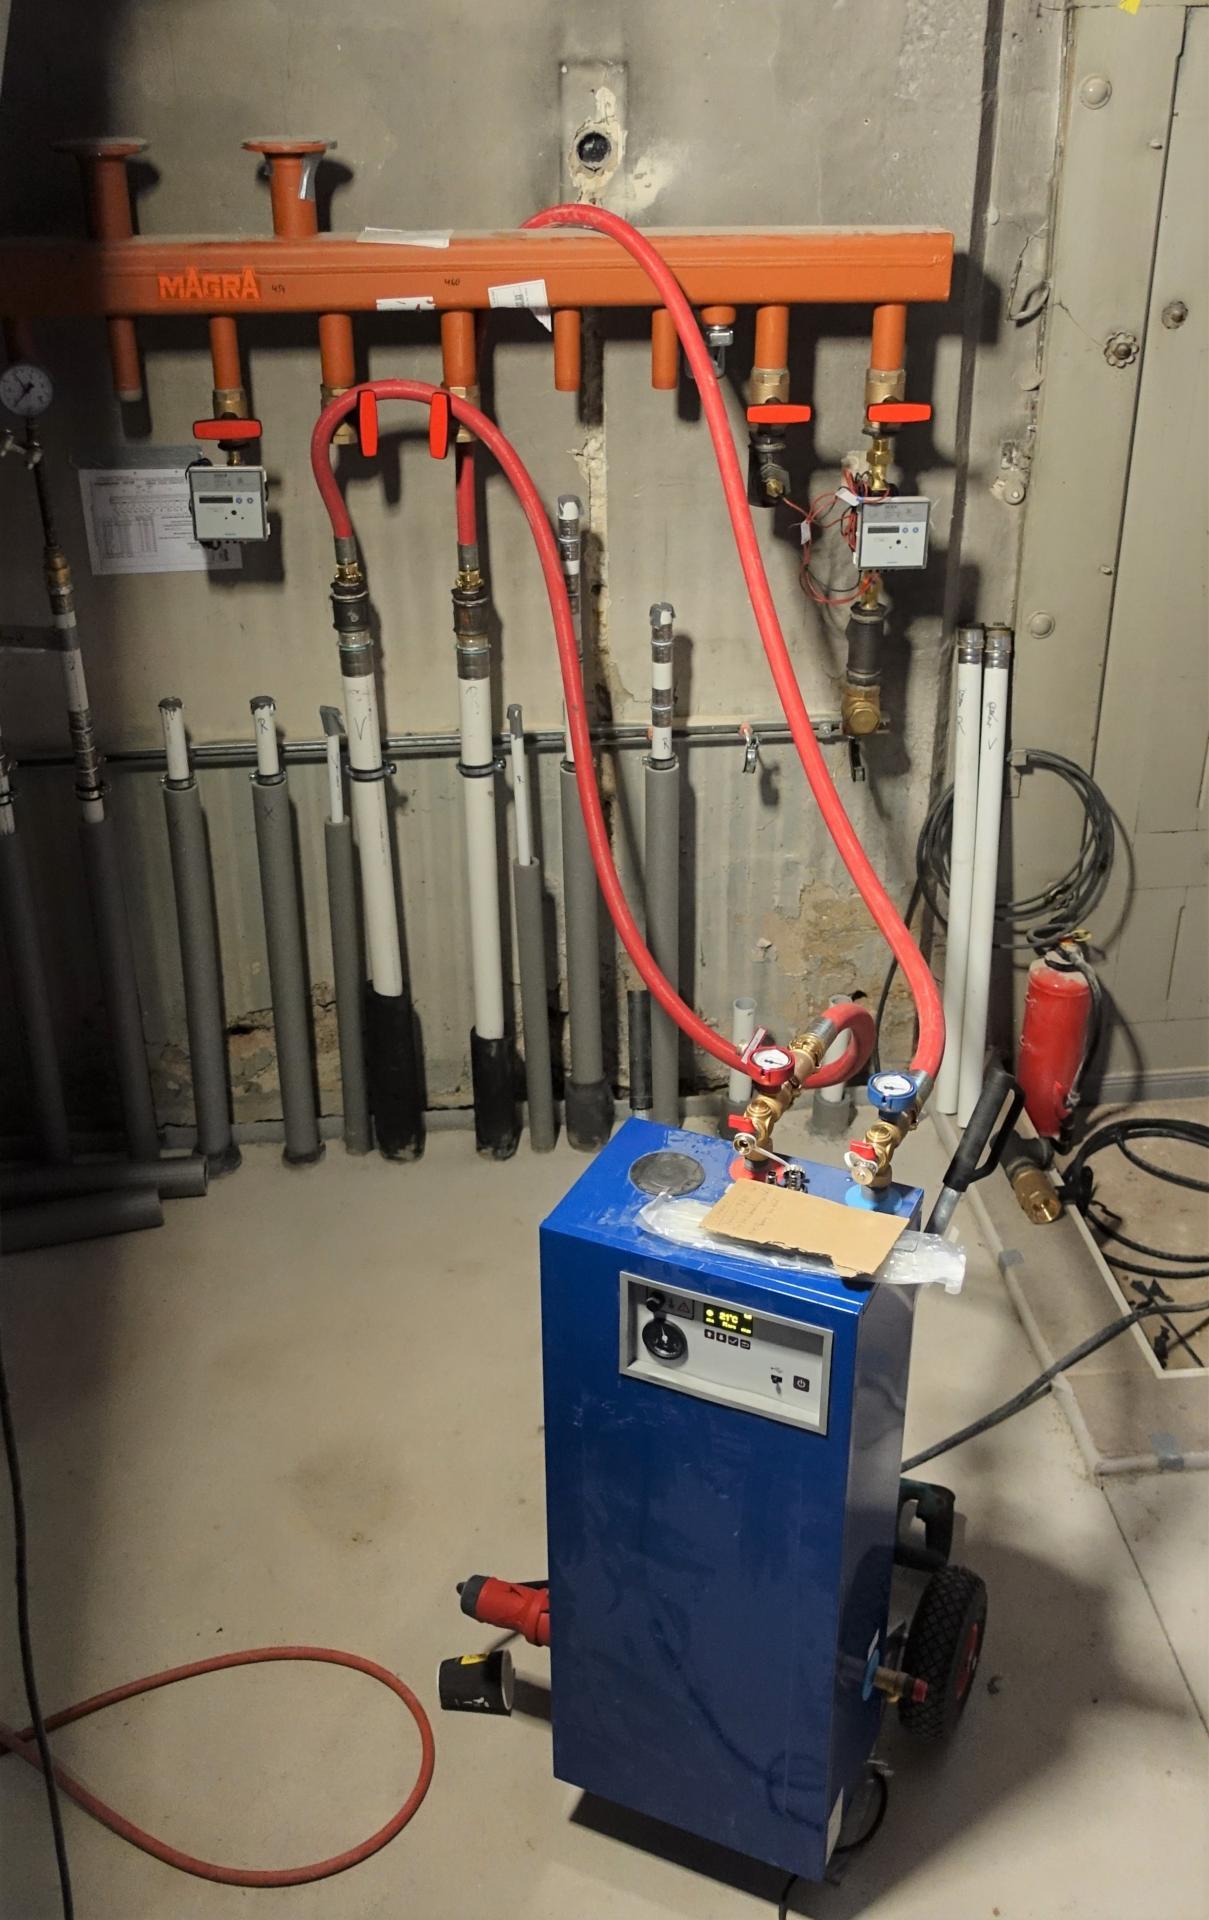 Bild 168 zeigt das elektrische Ding, das die Flächenheizung mit einer Vorlauftemperatur von 21 ° C befeuert; die Gasheizung wollen wir erst im Januar endgültig anschließen